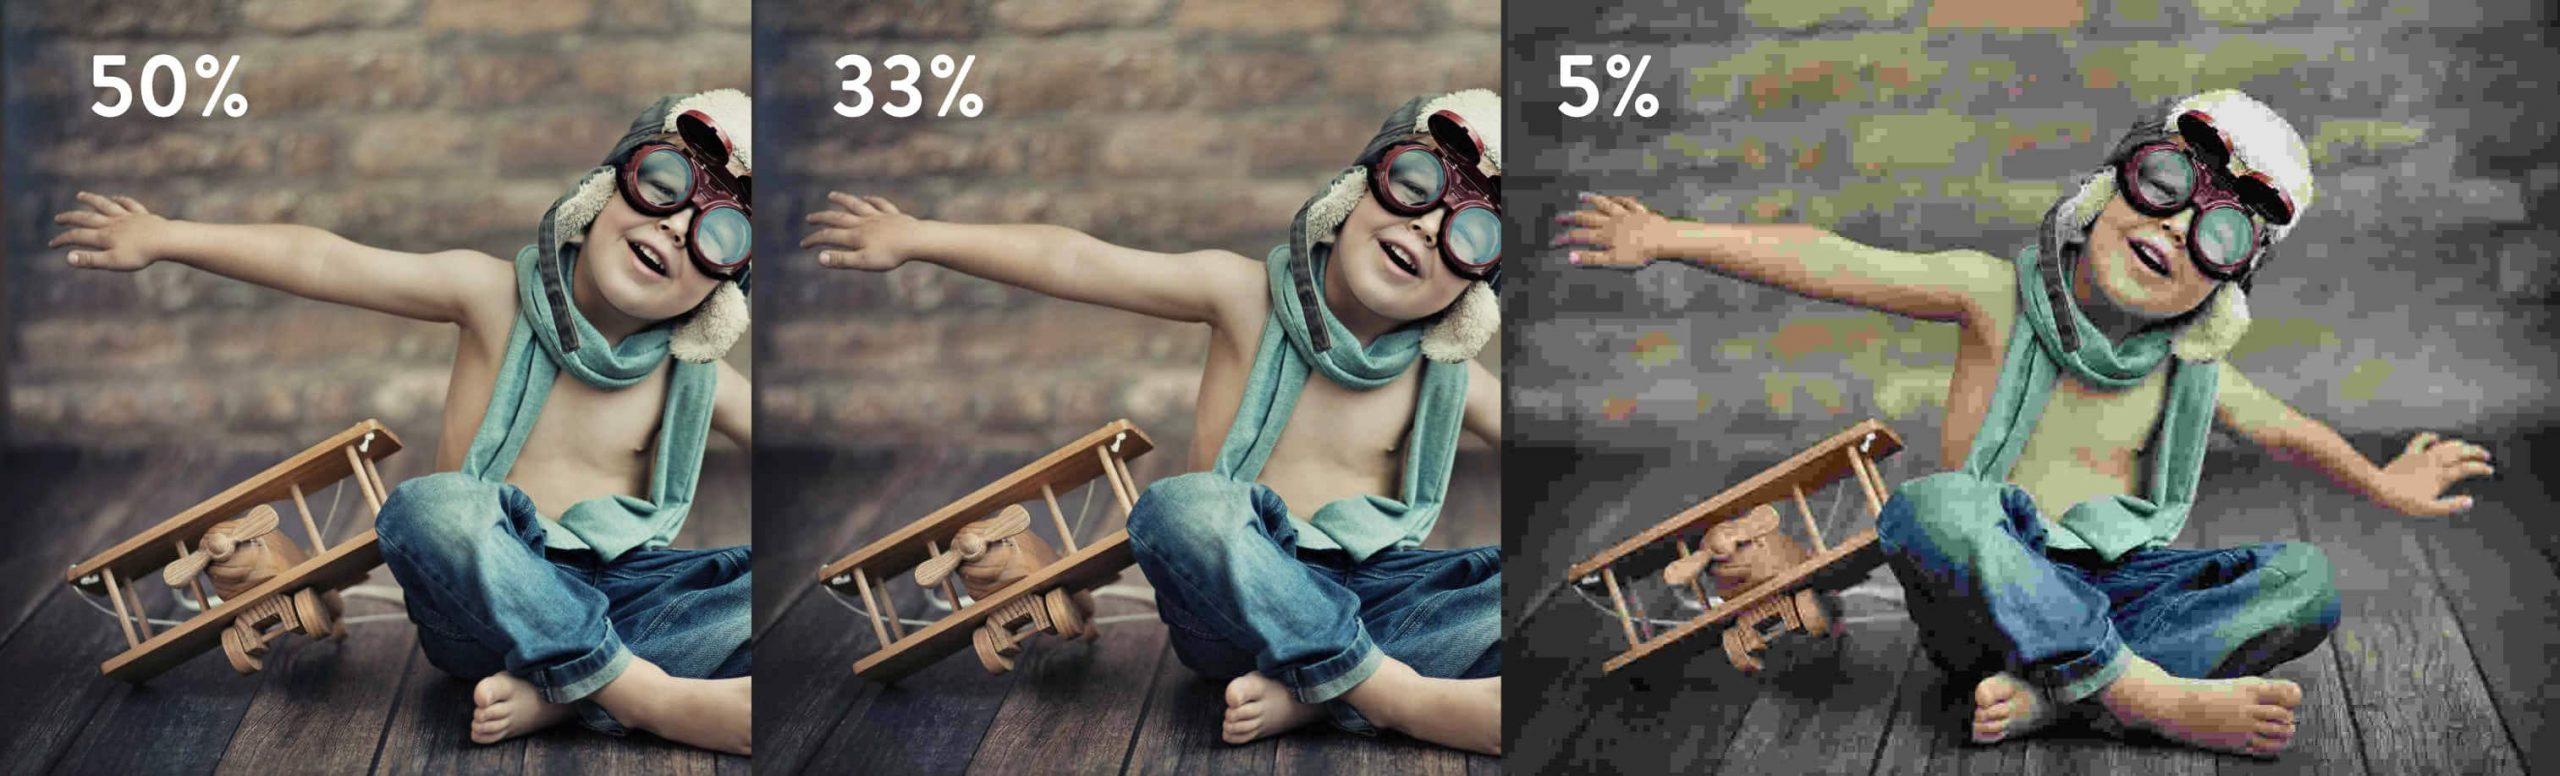 Vergleich verlustbehafteter Kompression